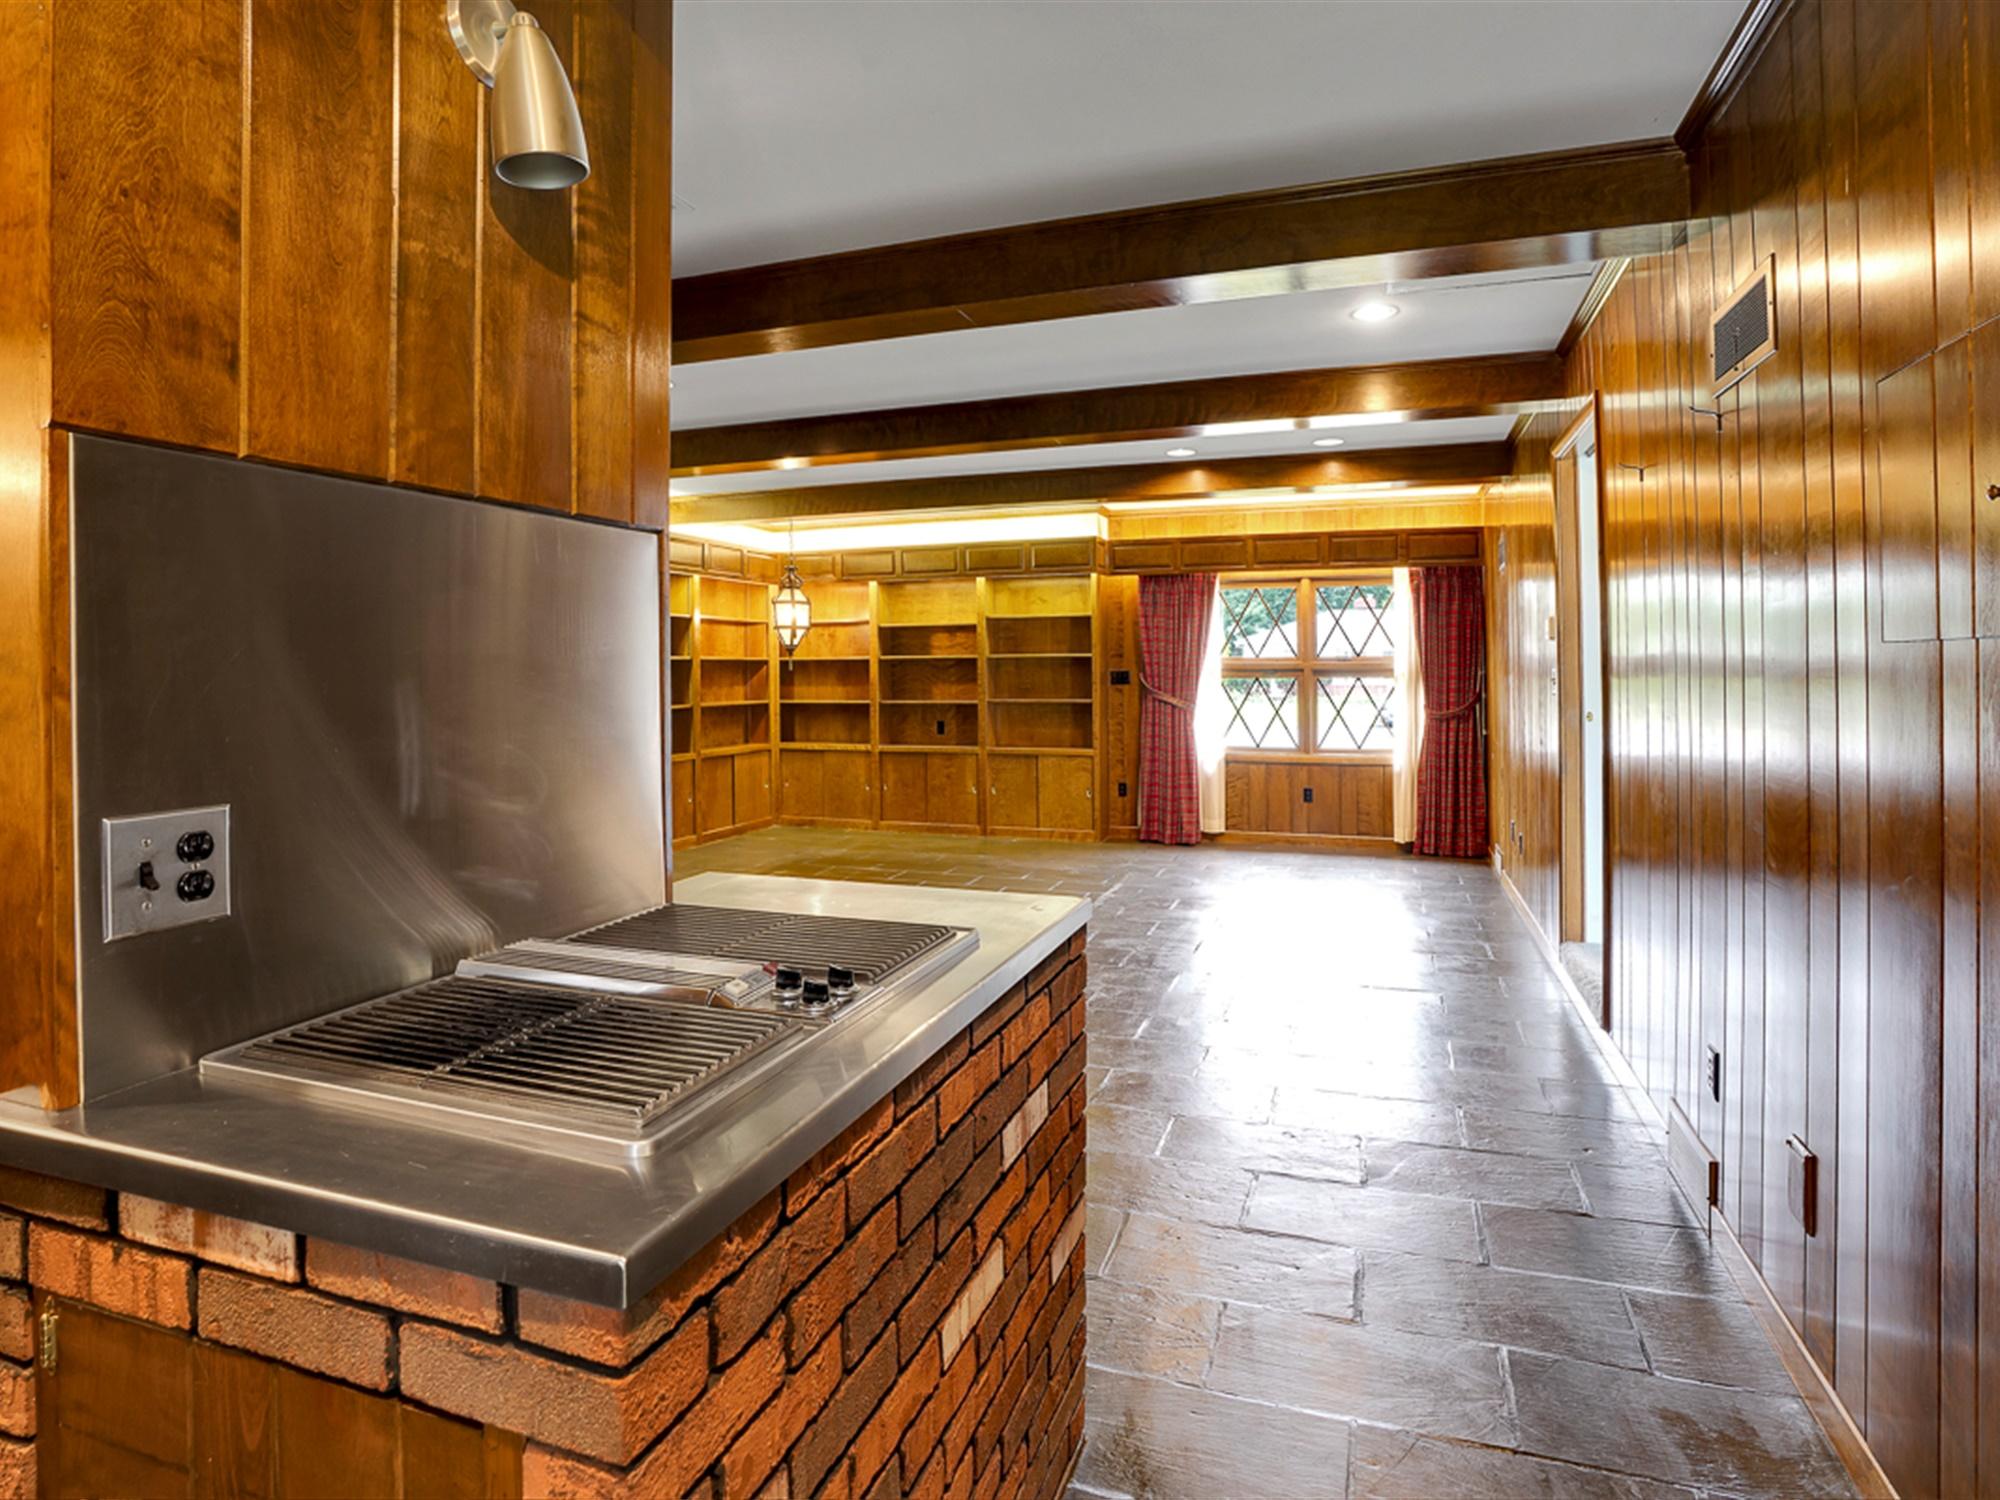 964 Reber St - Jenair cooktop